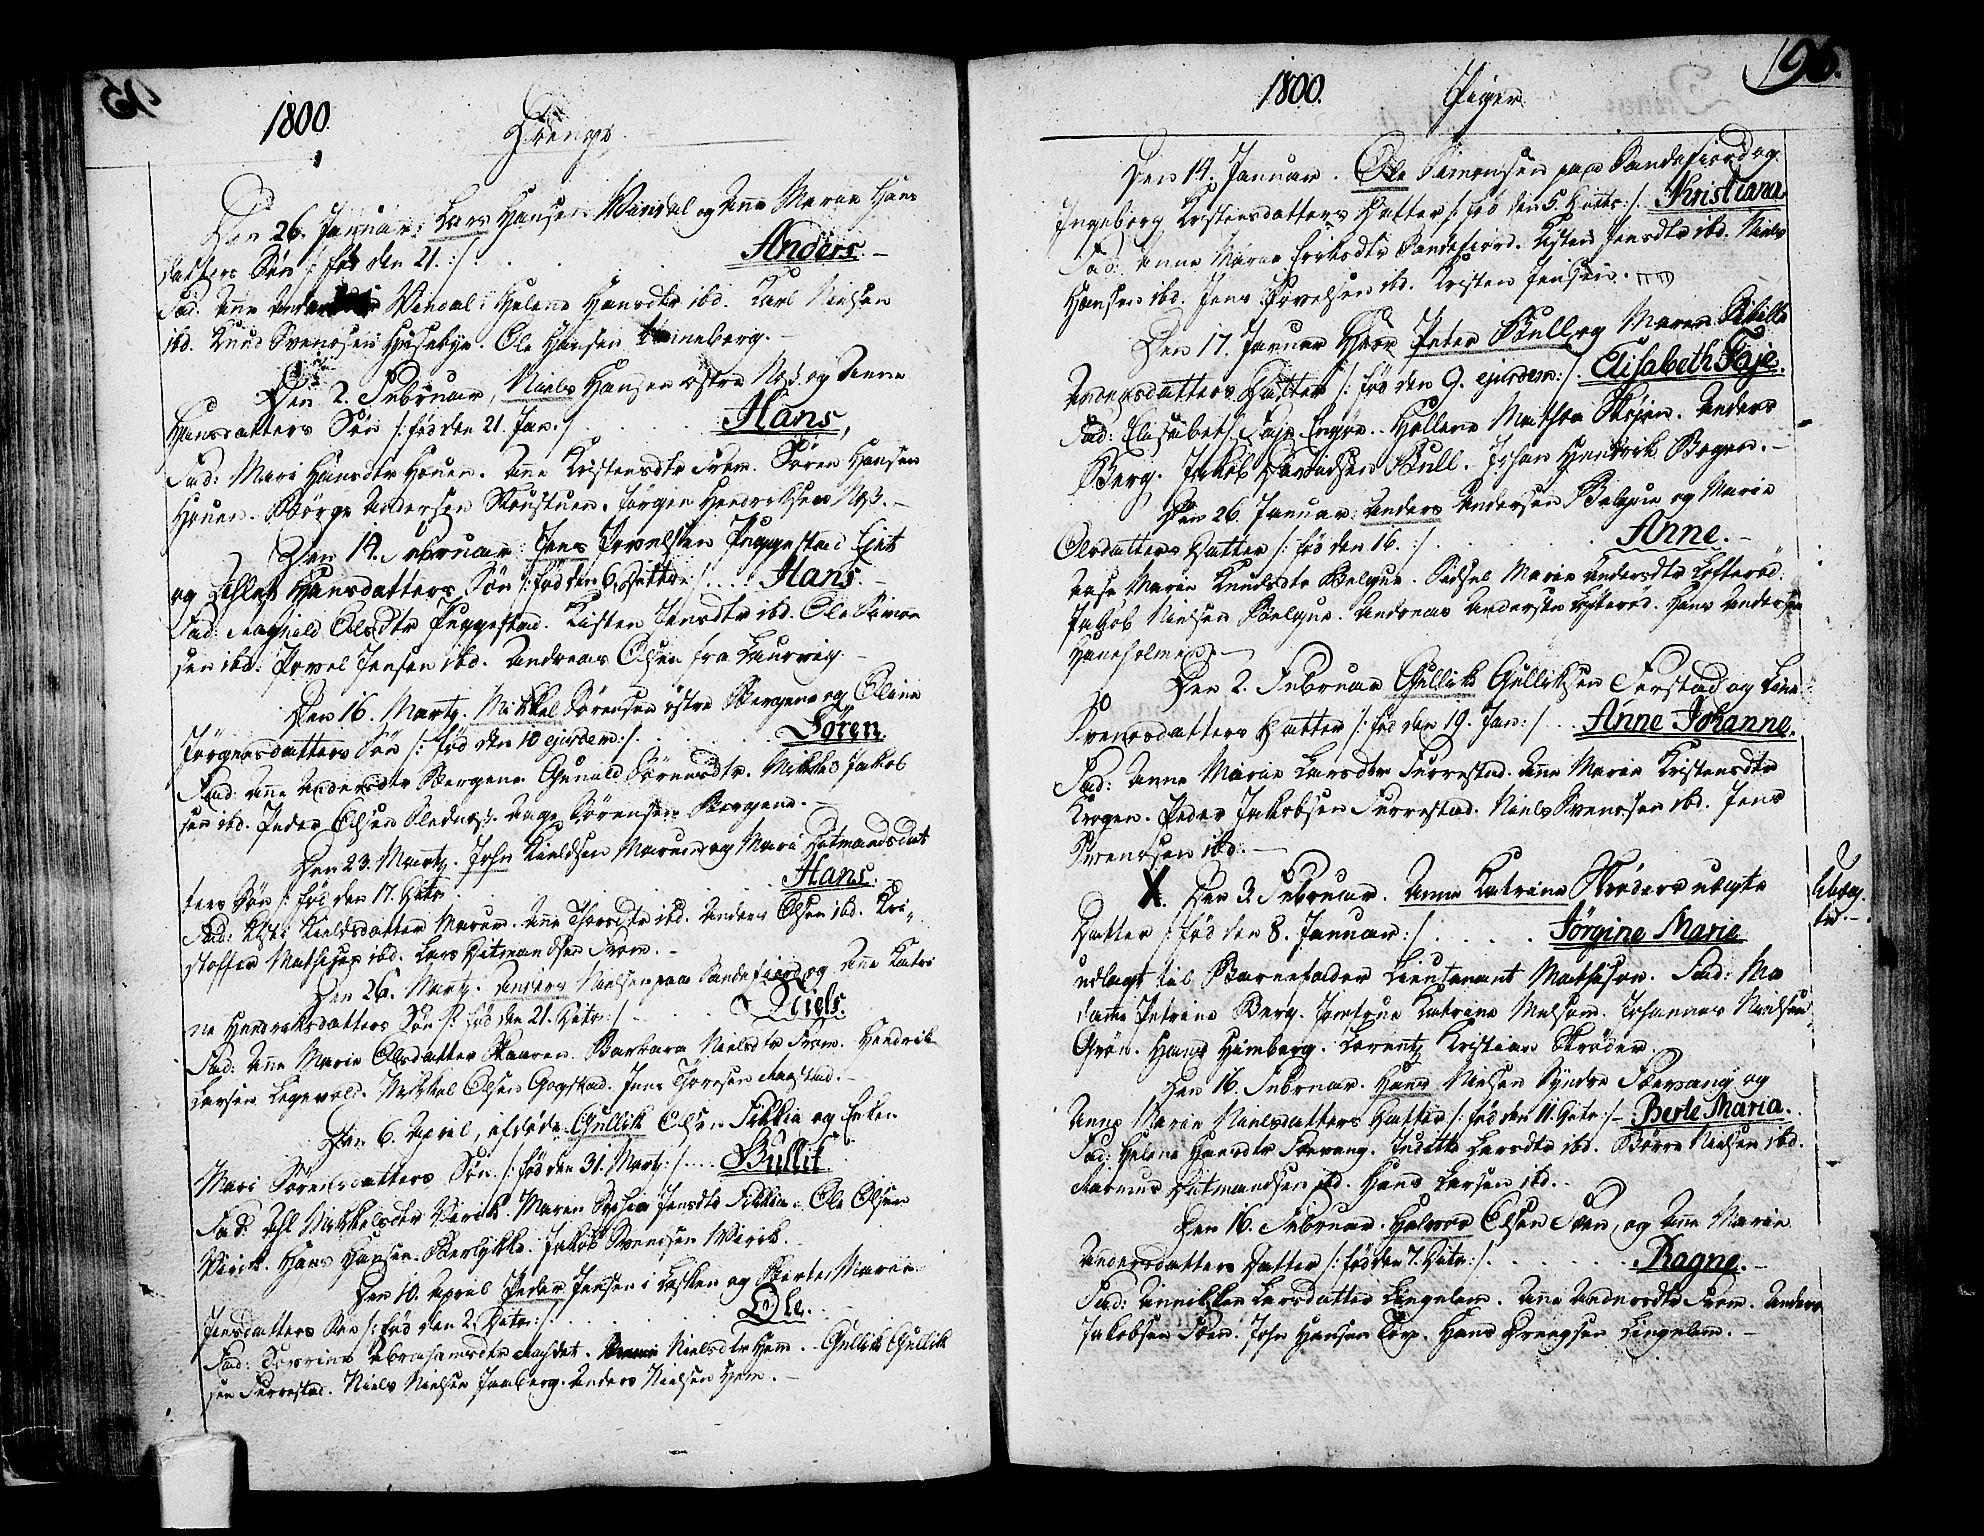 SAKO, Sandar kirkebøker, F/Fa/L0003: Ministerialbok nr. 3, 1789-1814, s. 96